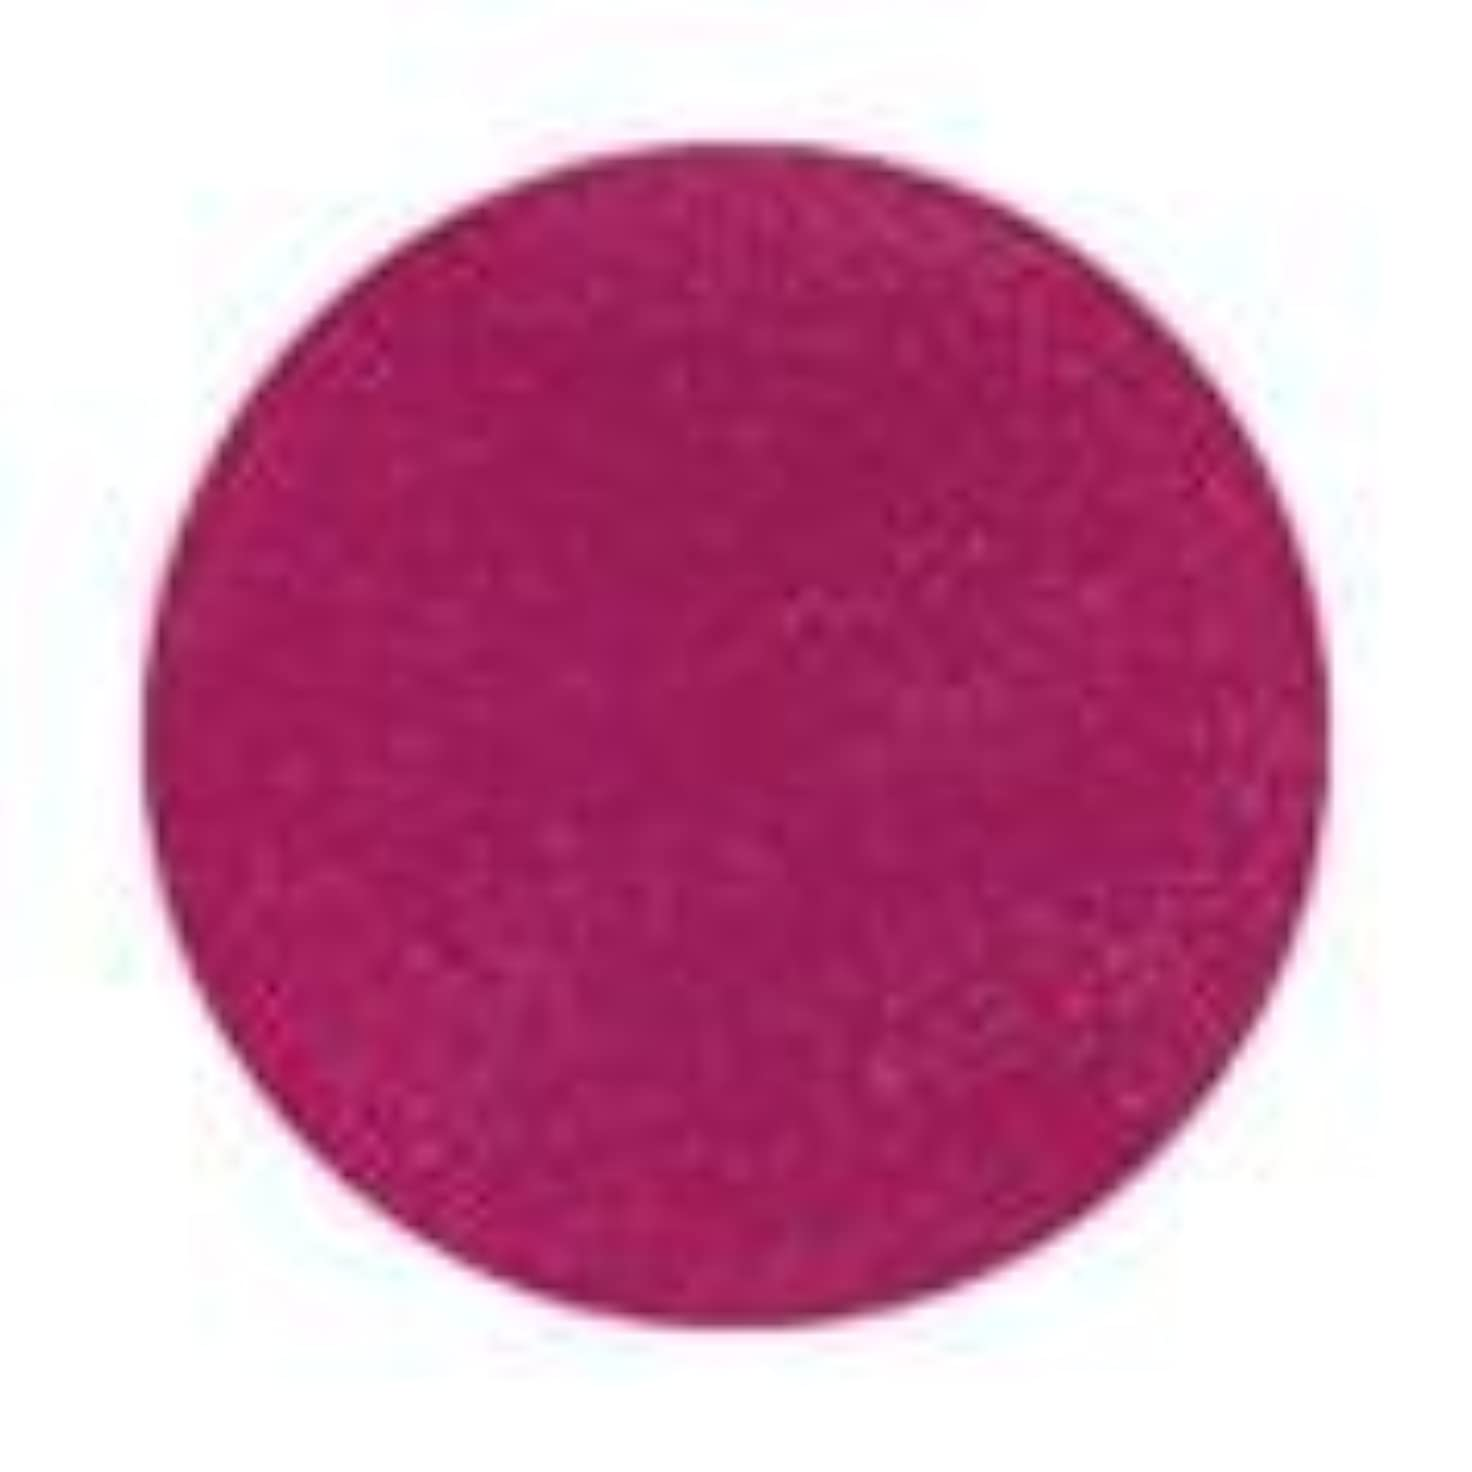 バウンストースト私たちのものJessica ジェレレーション カラー 15ml  236 レッドバインズ